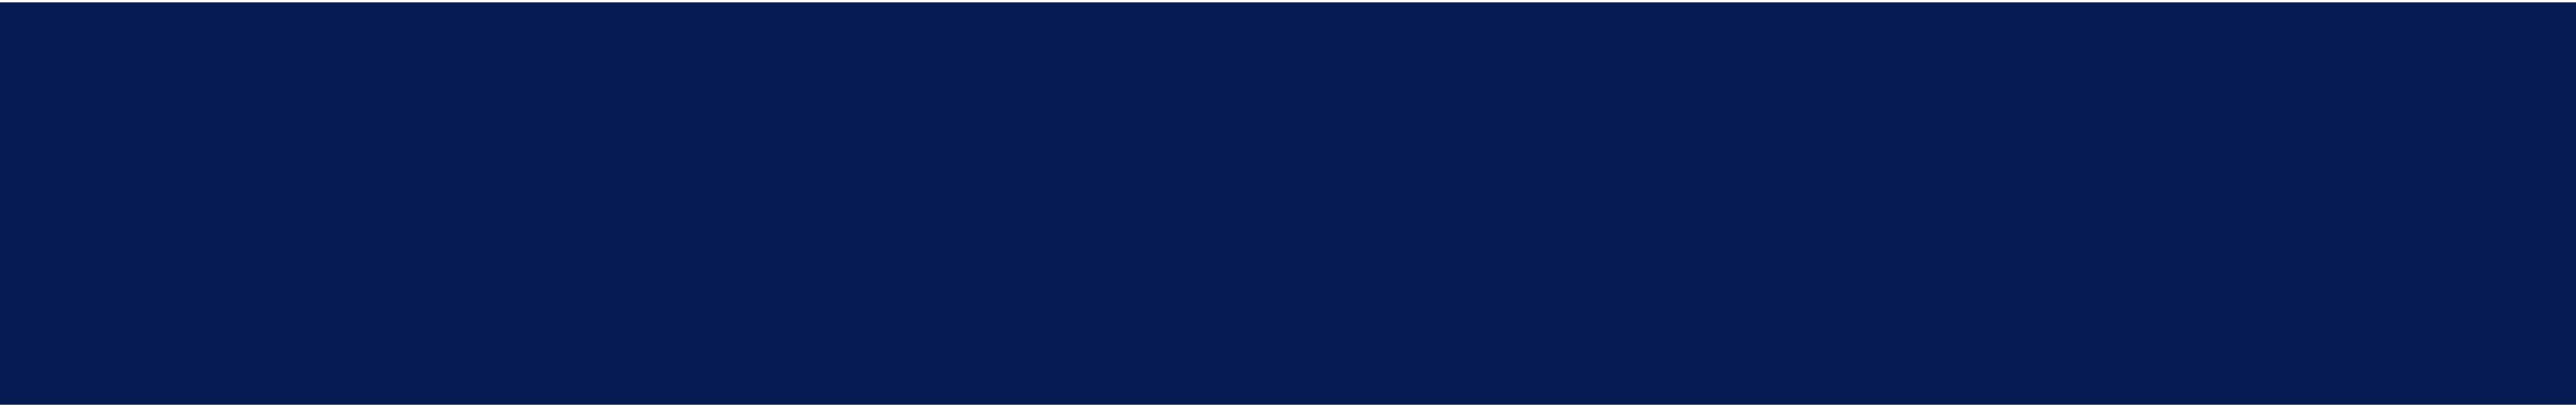 IVB Metallhandel - Österreich Handelsunternehmen - Logo